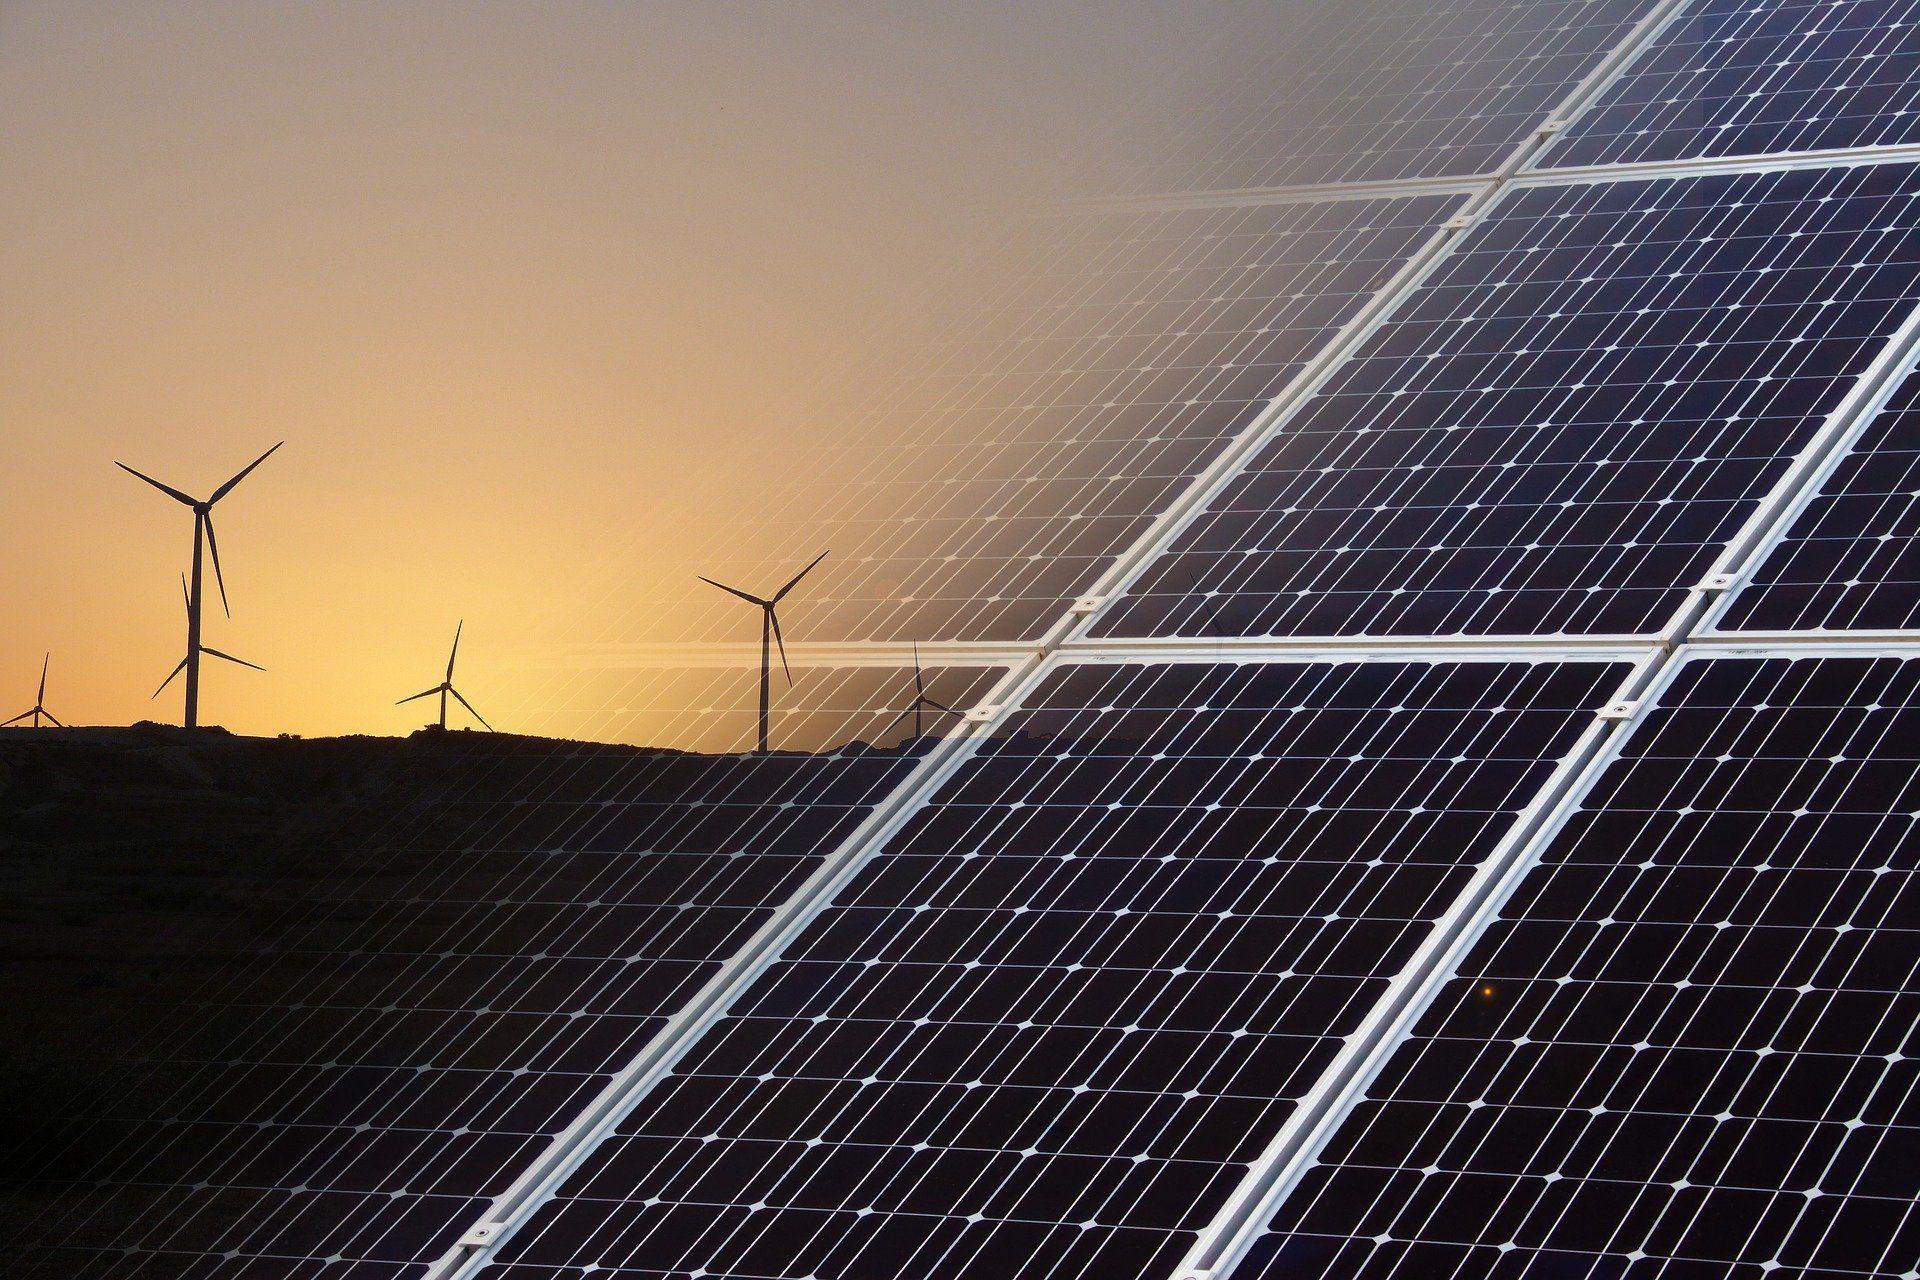 """Die tollen """"Erbeuerbaren Energien"""" zerstören die Umwelt grossflächig"""